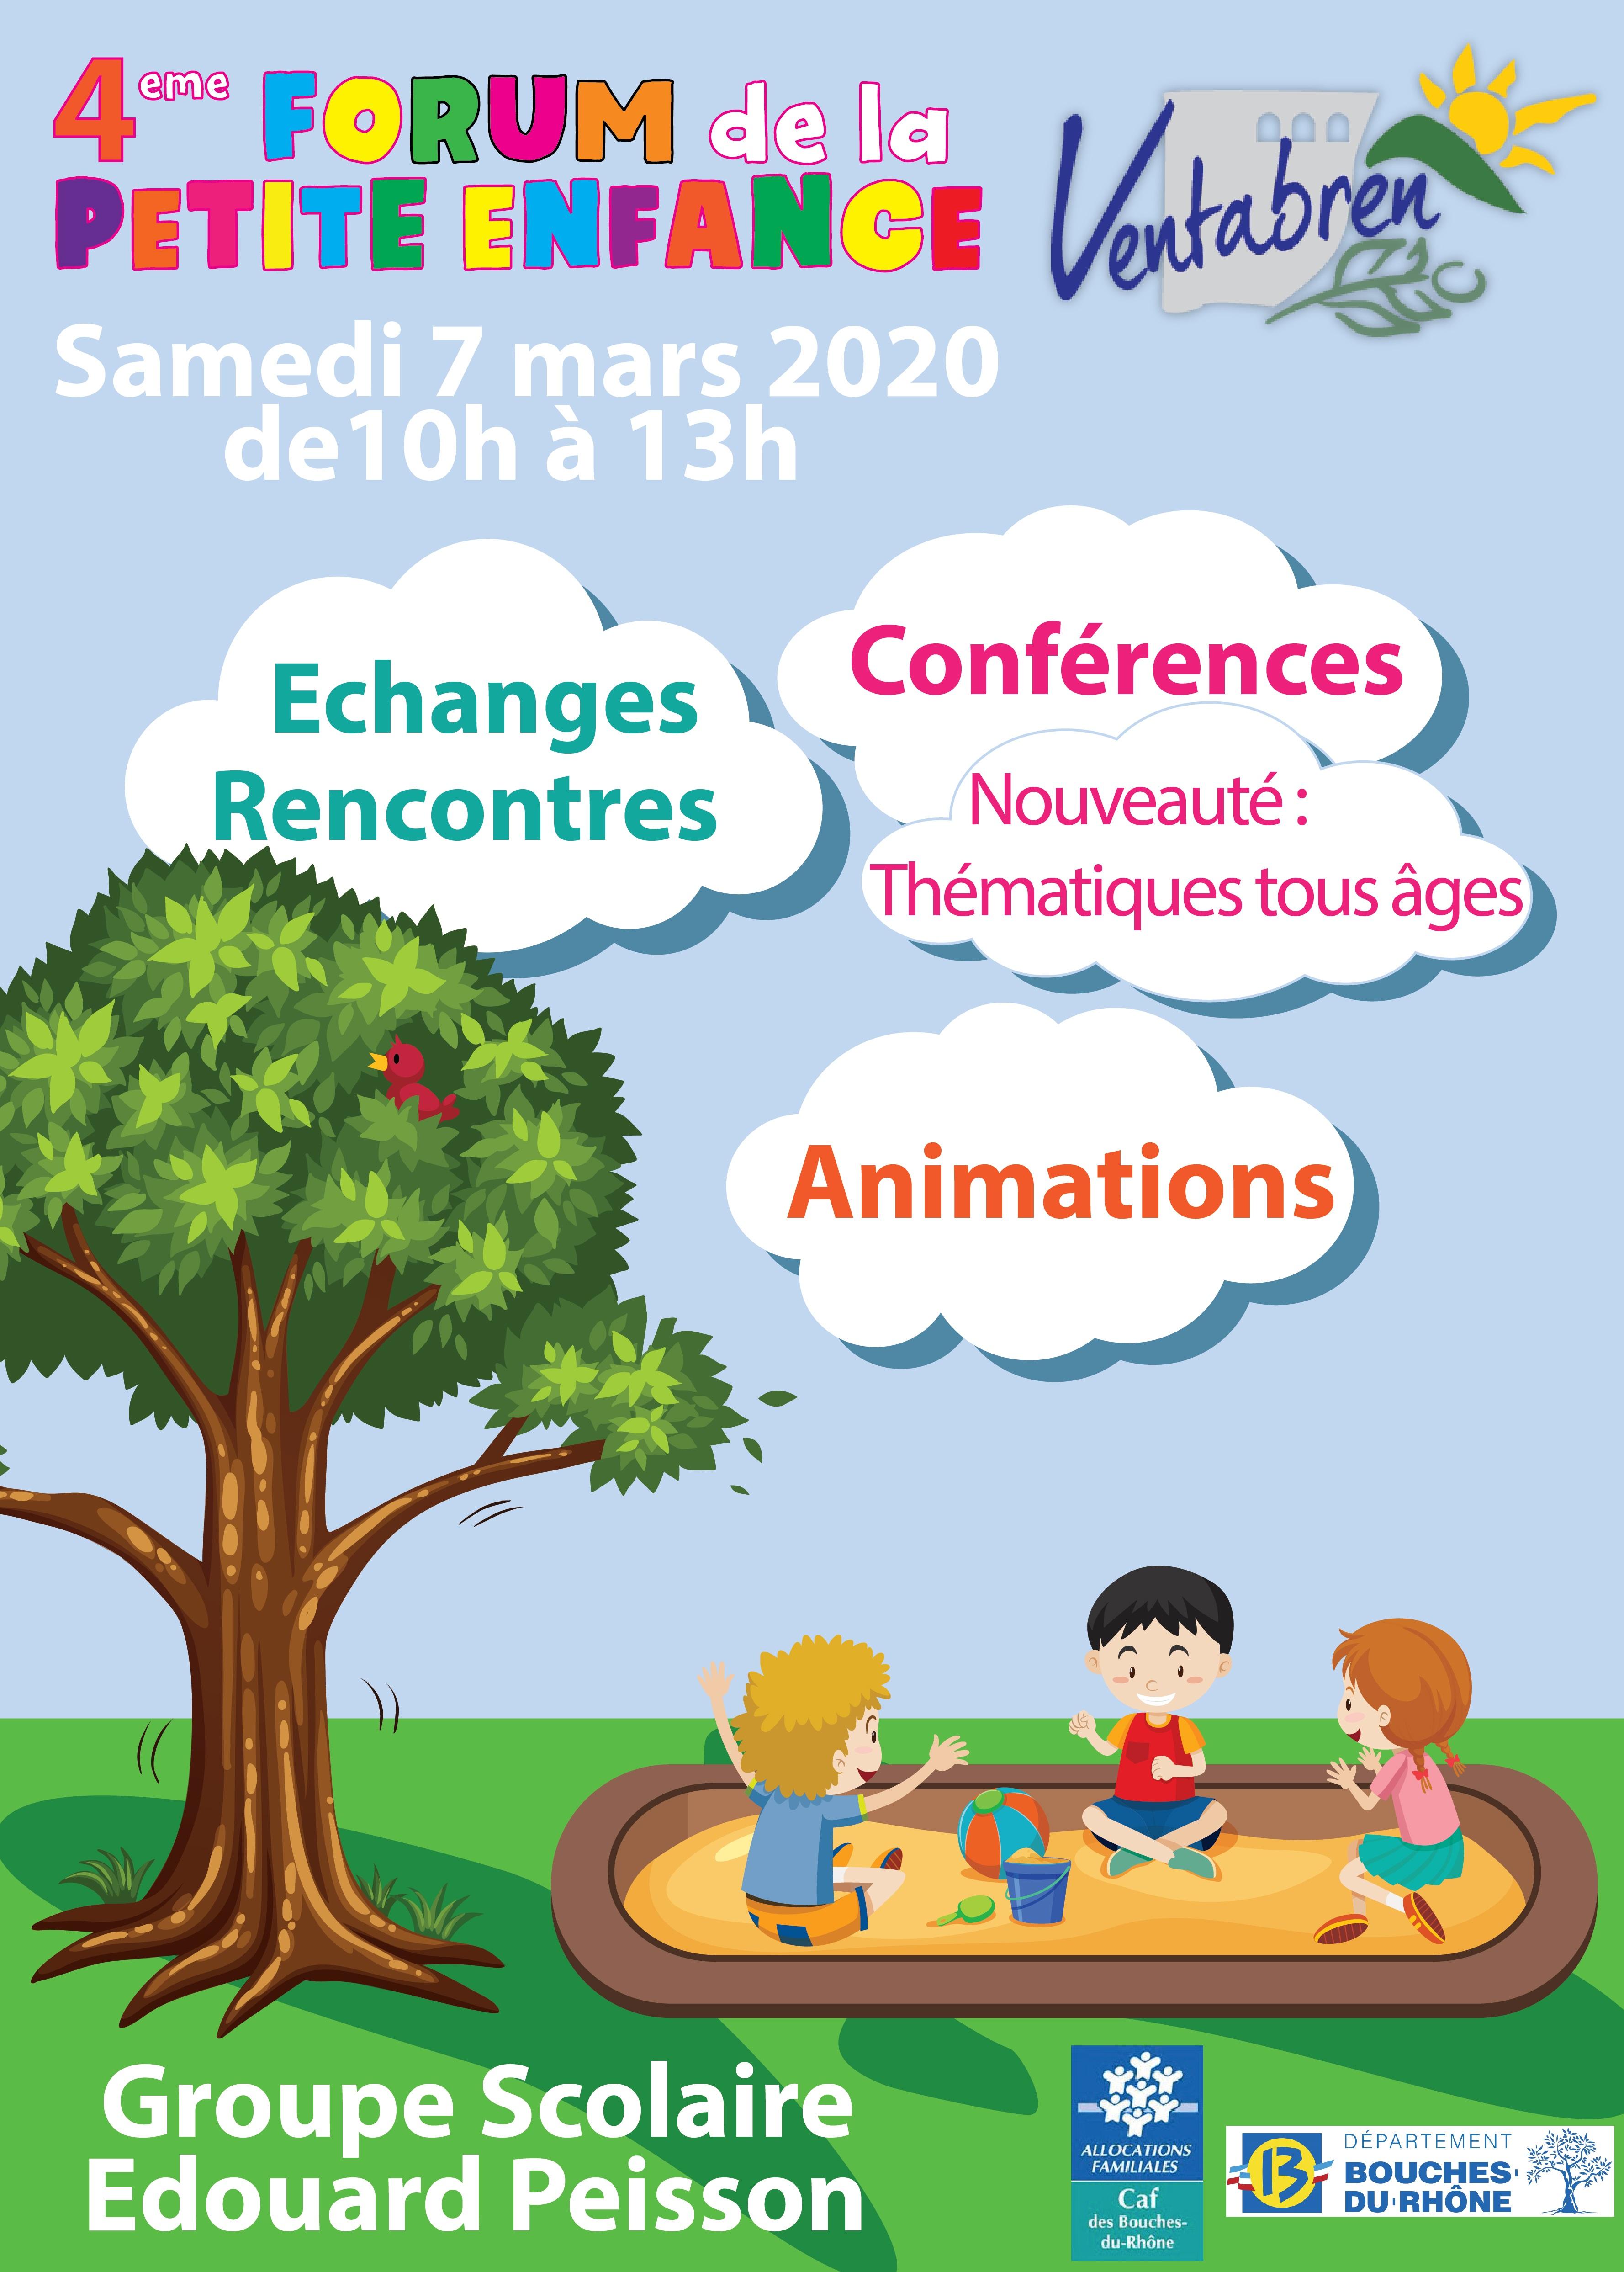 4e Forum de la Petite Enfance